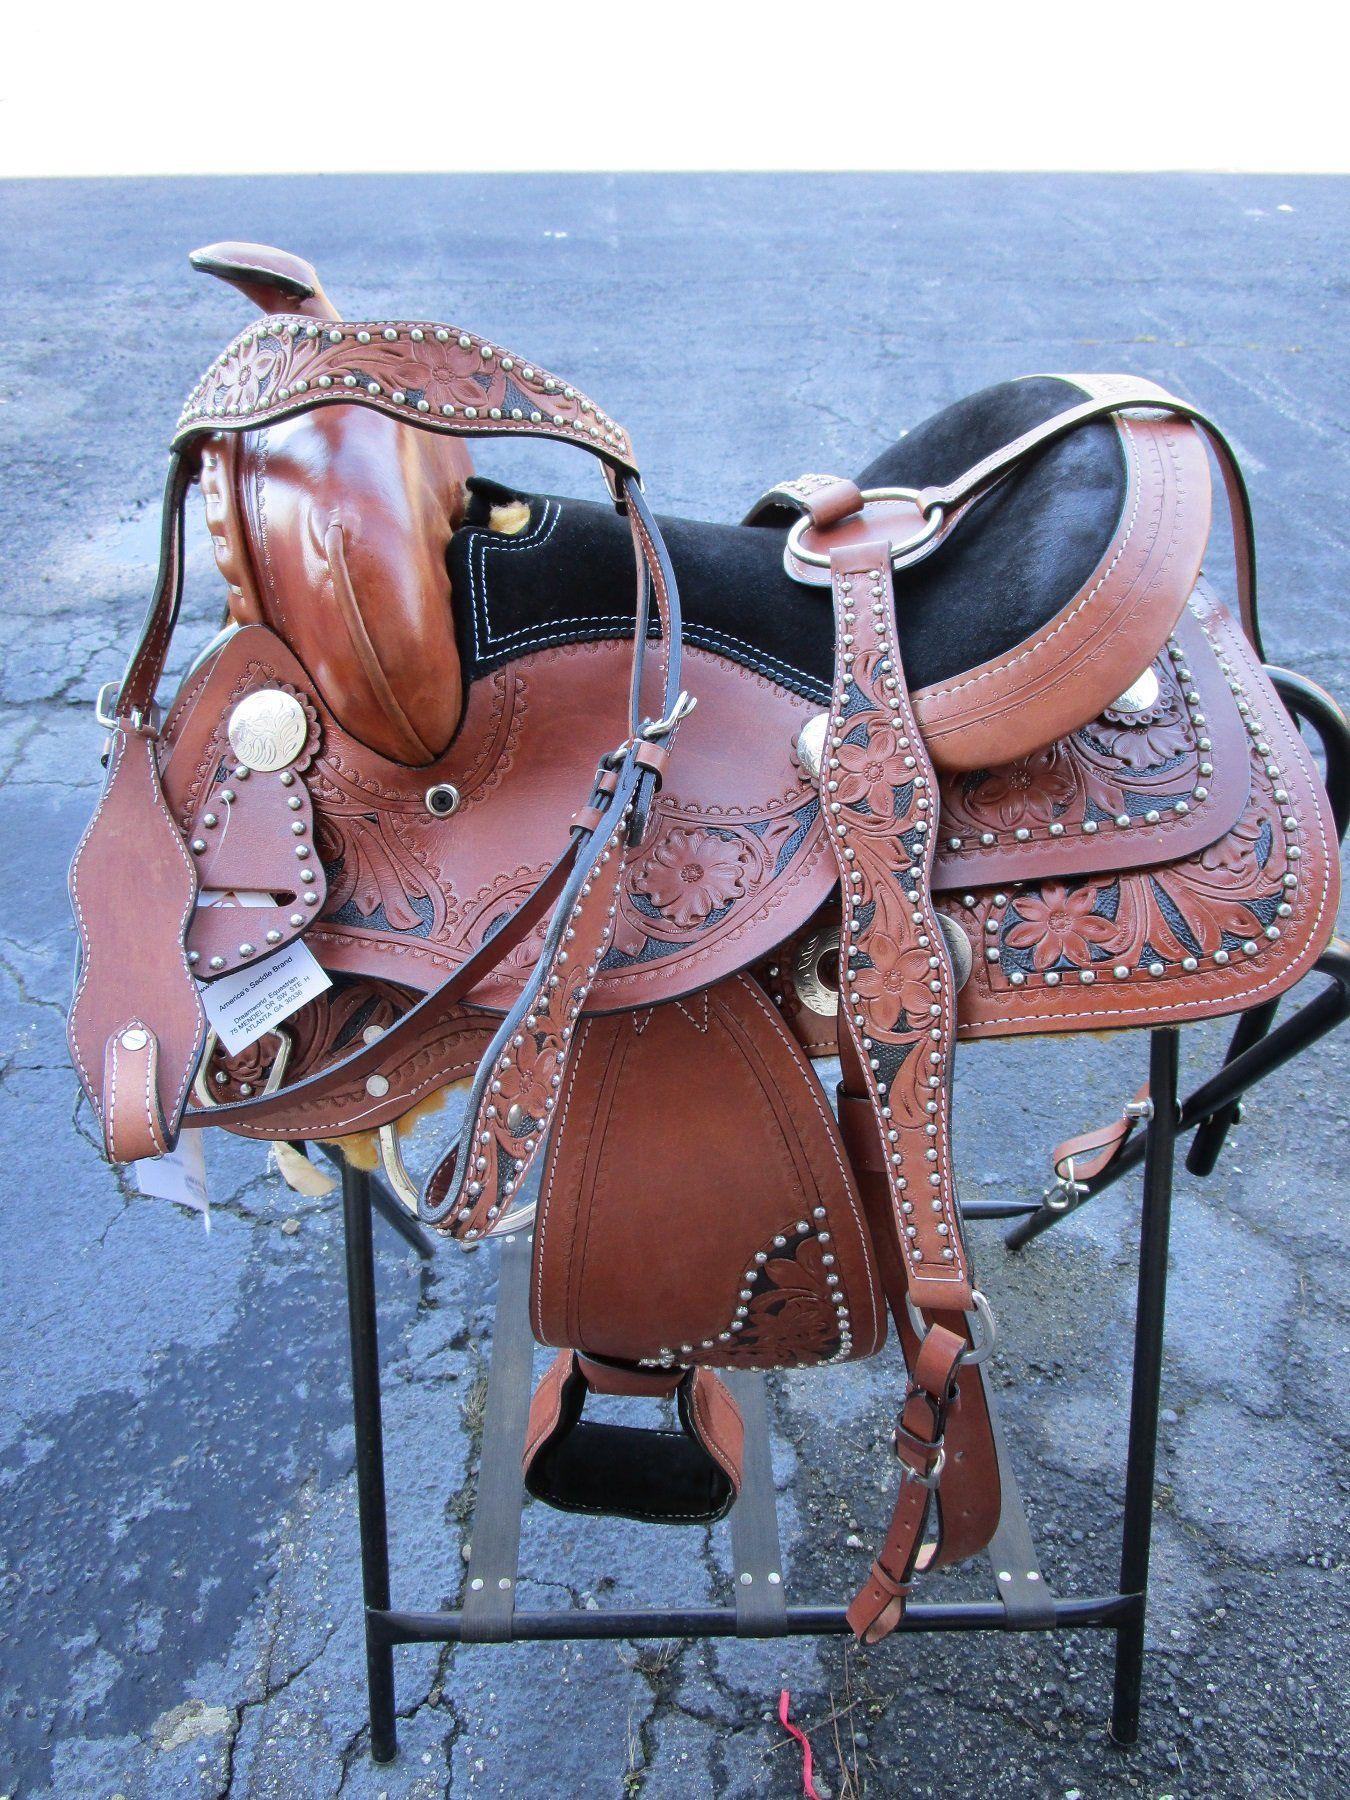 12 13 Pony Saddle Western Horse Tack Black Tooled Trail Pleasure Saddle Western Barrel Pleasure Trail Cow Pony Saddle Western Saddles For Sale Horse Tack